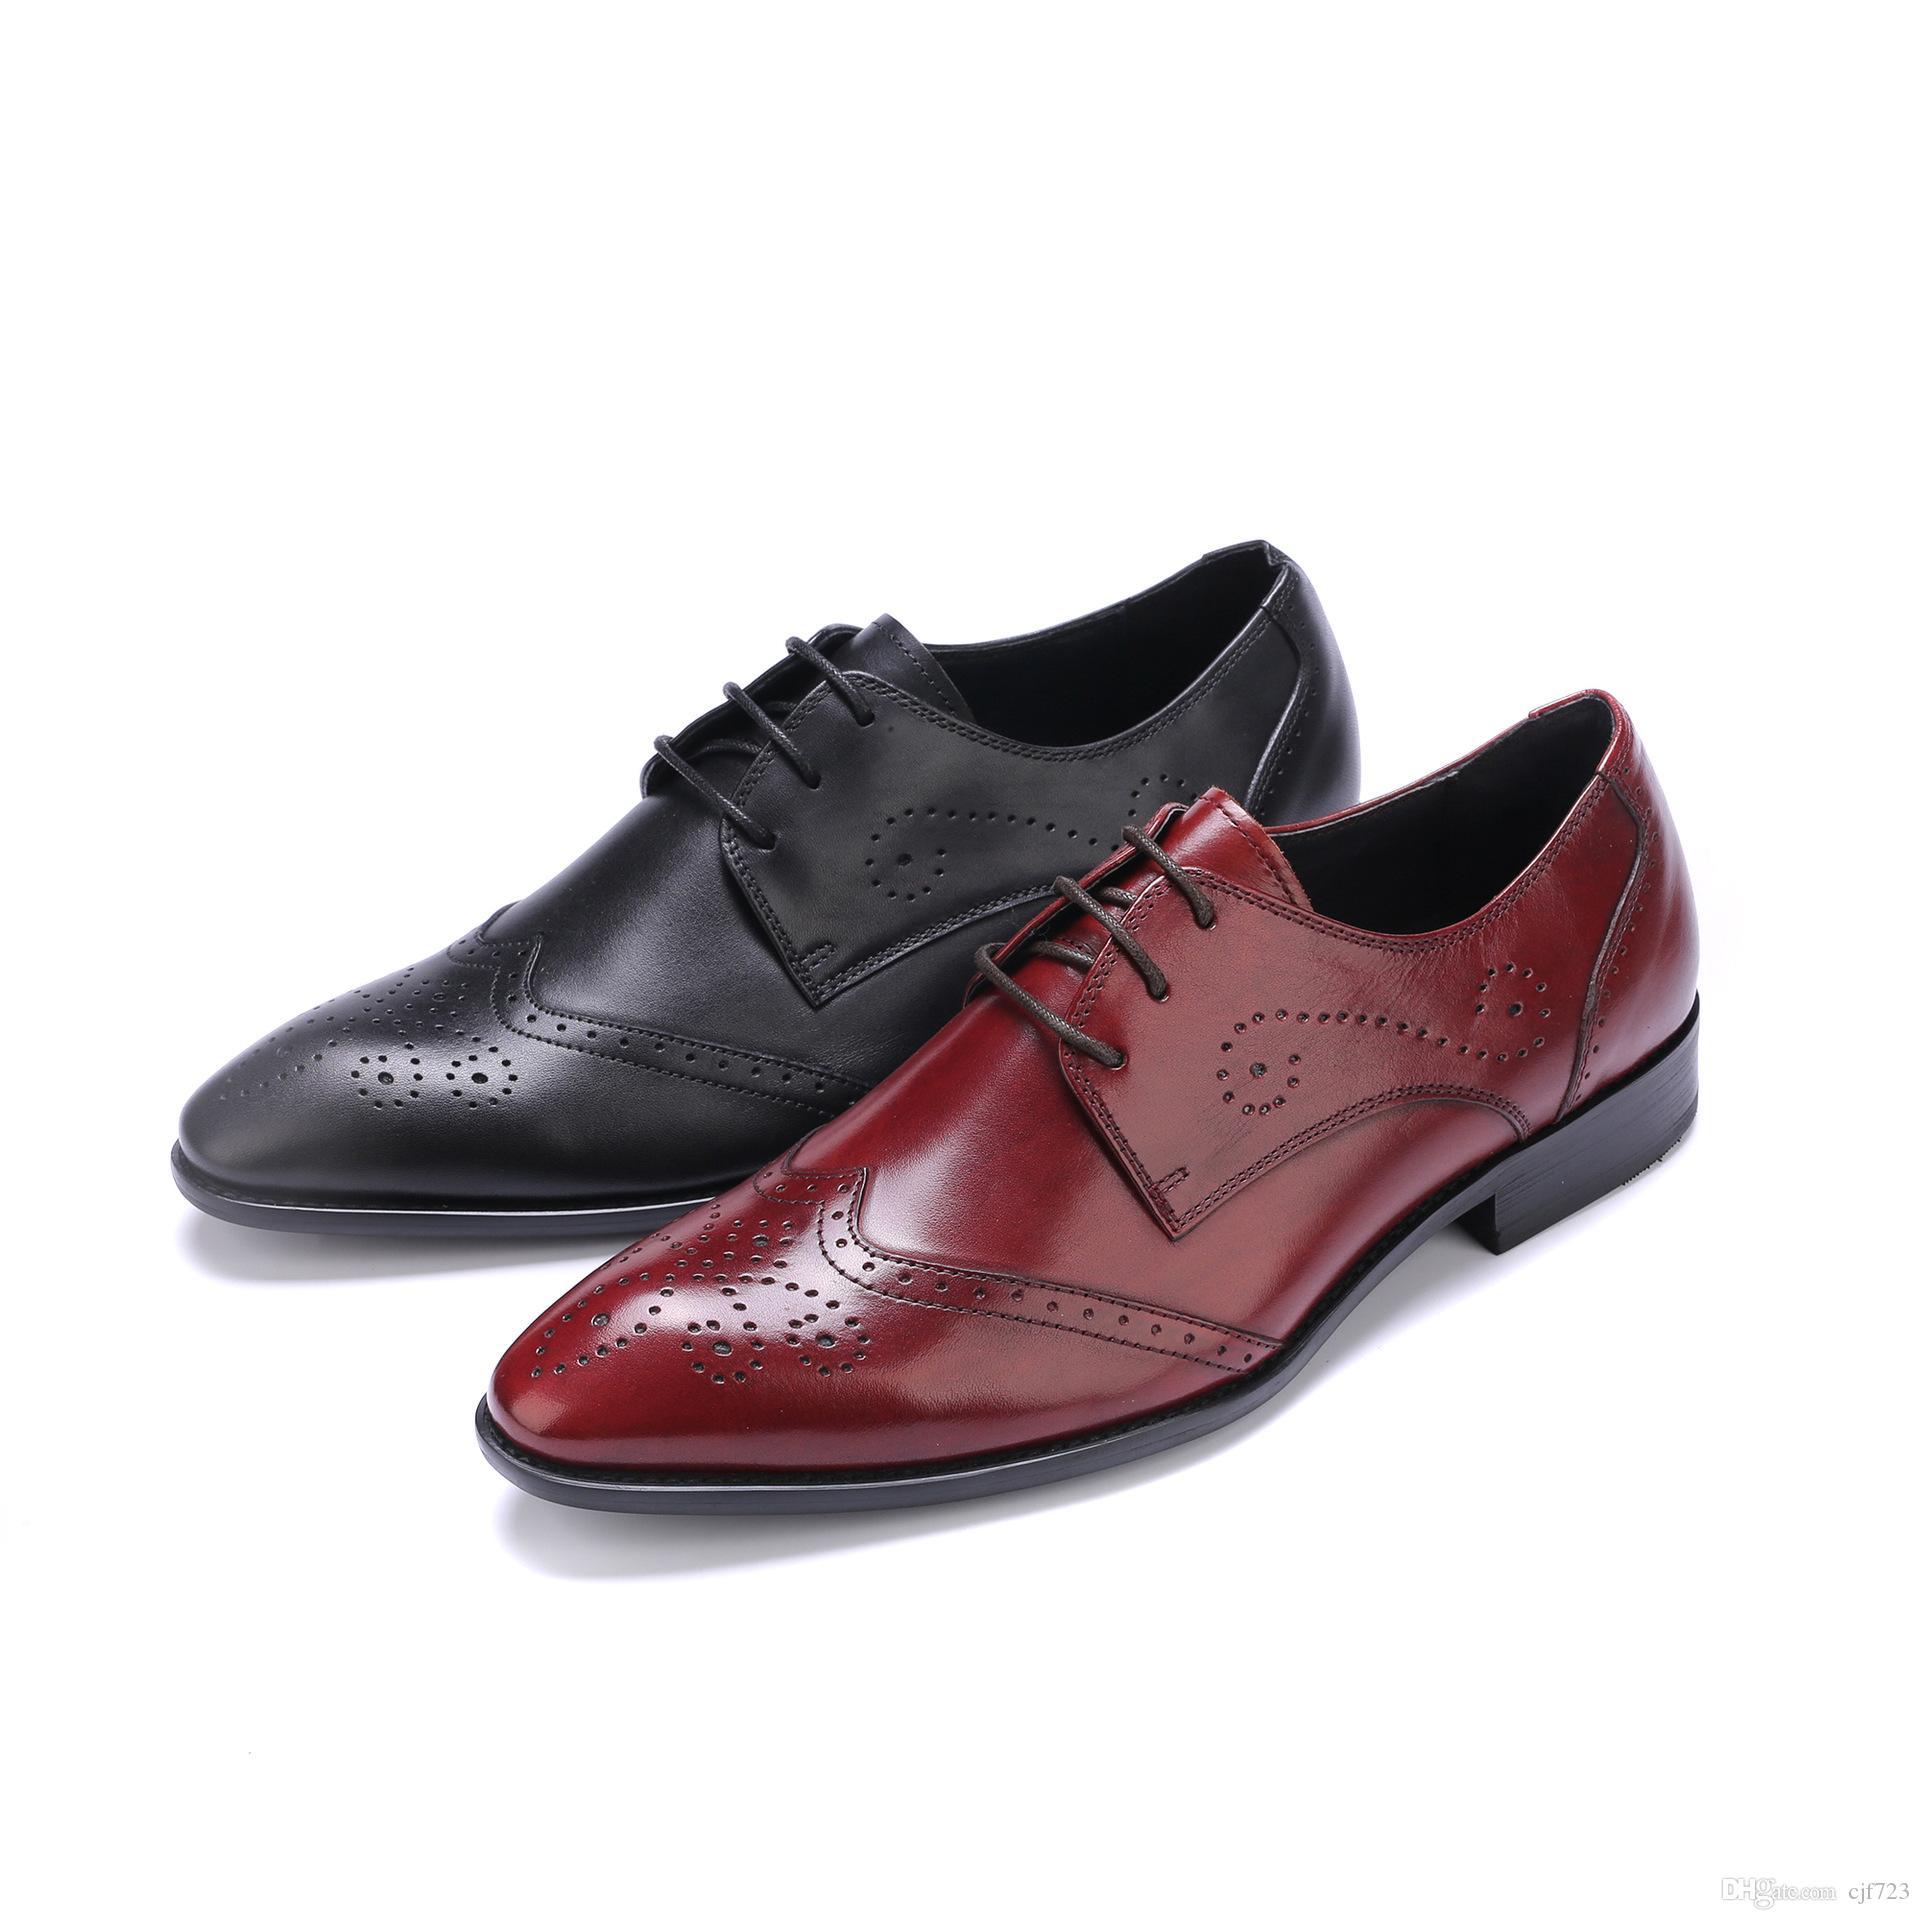 35c2a1d355c Acheter 2018 Hommes En Cuir D affaires Costume Robe Chaussures Hommes Marque  Bullock En Cuir Véritable Noir Lacer Des Chaussures De Mariage De  84.28 Du  ...